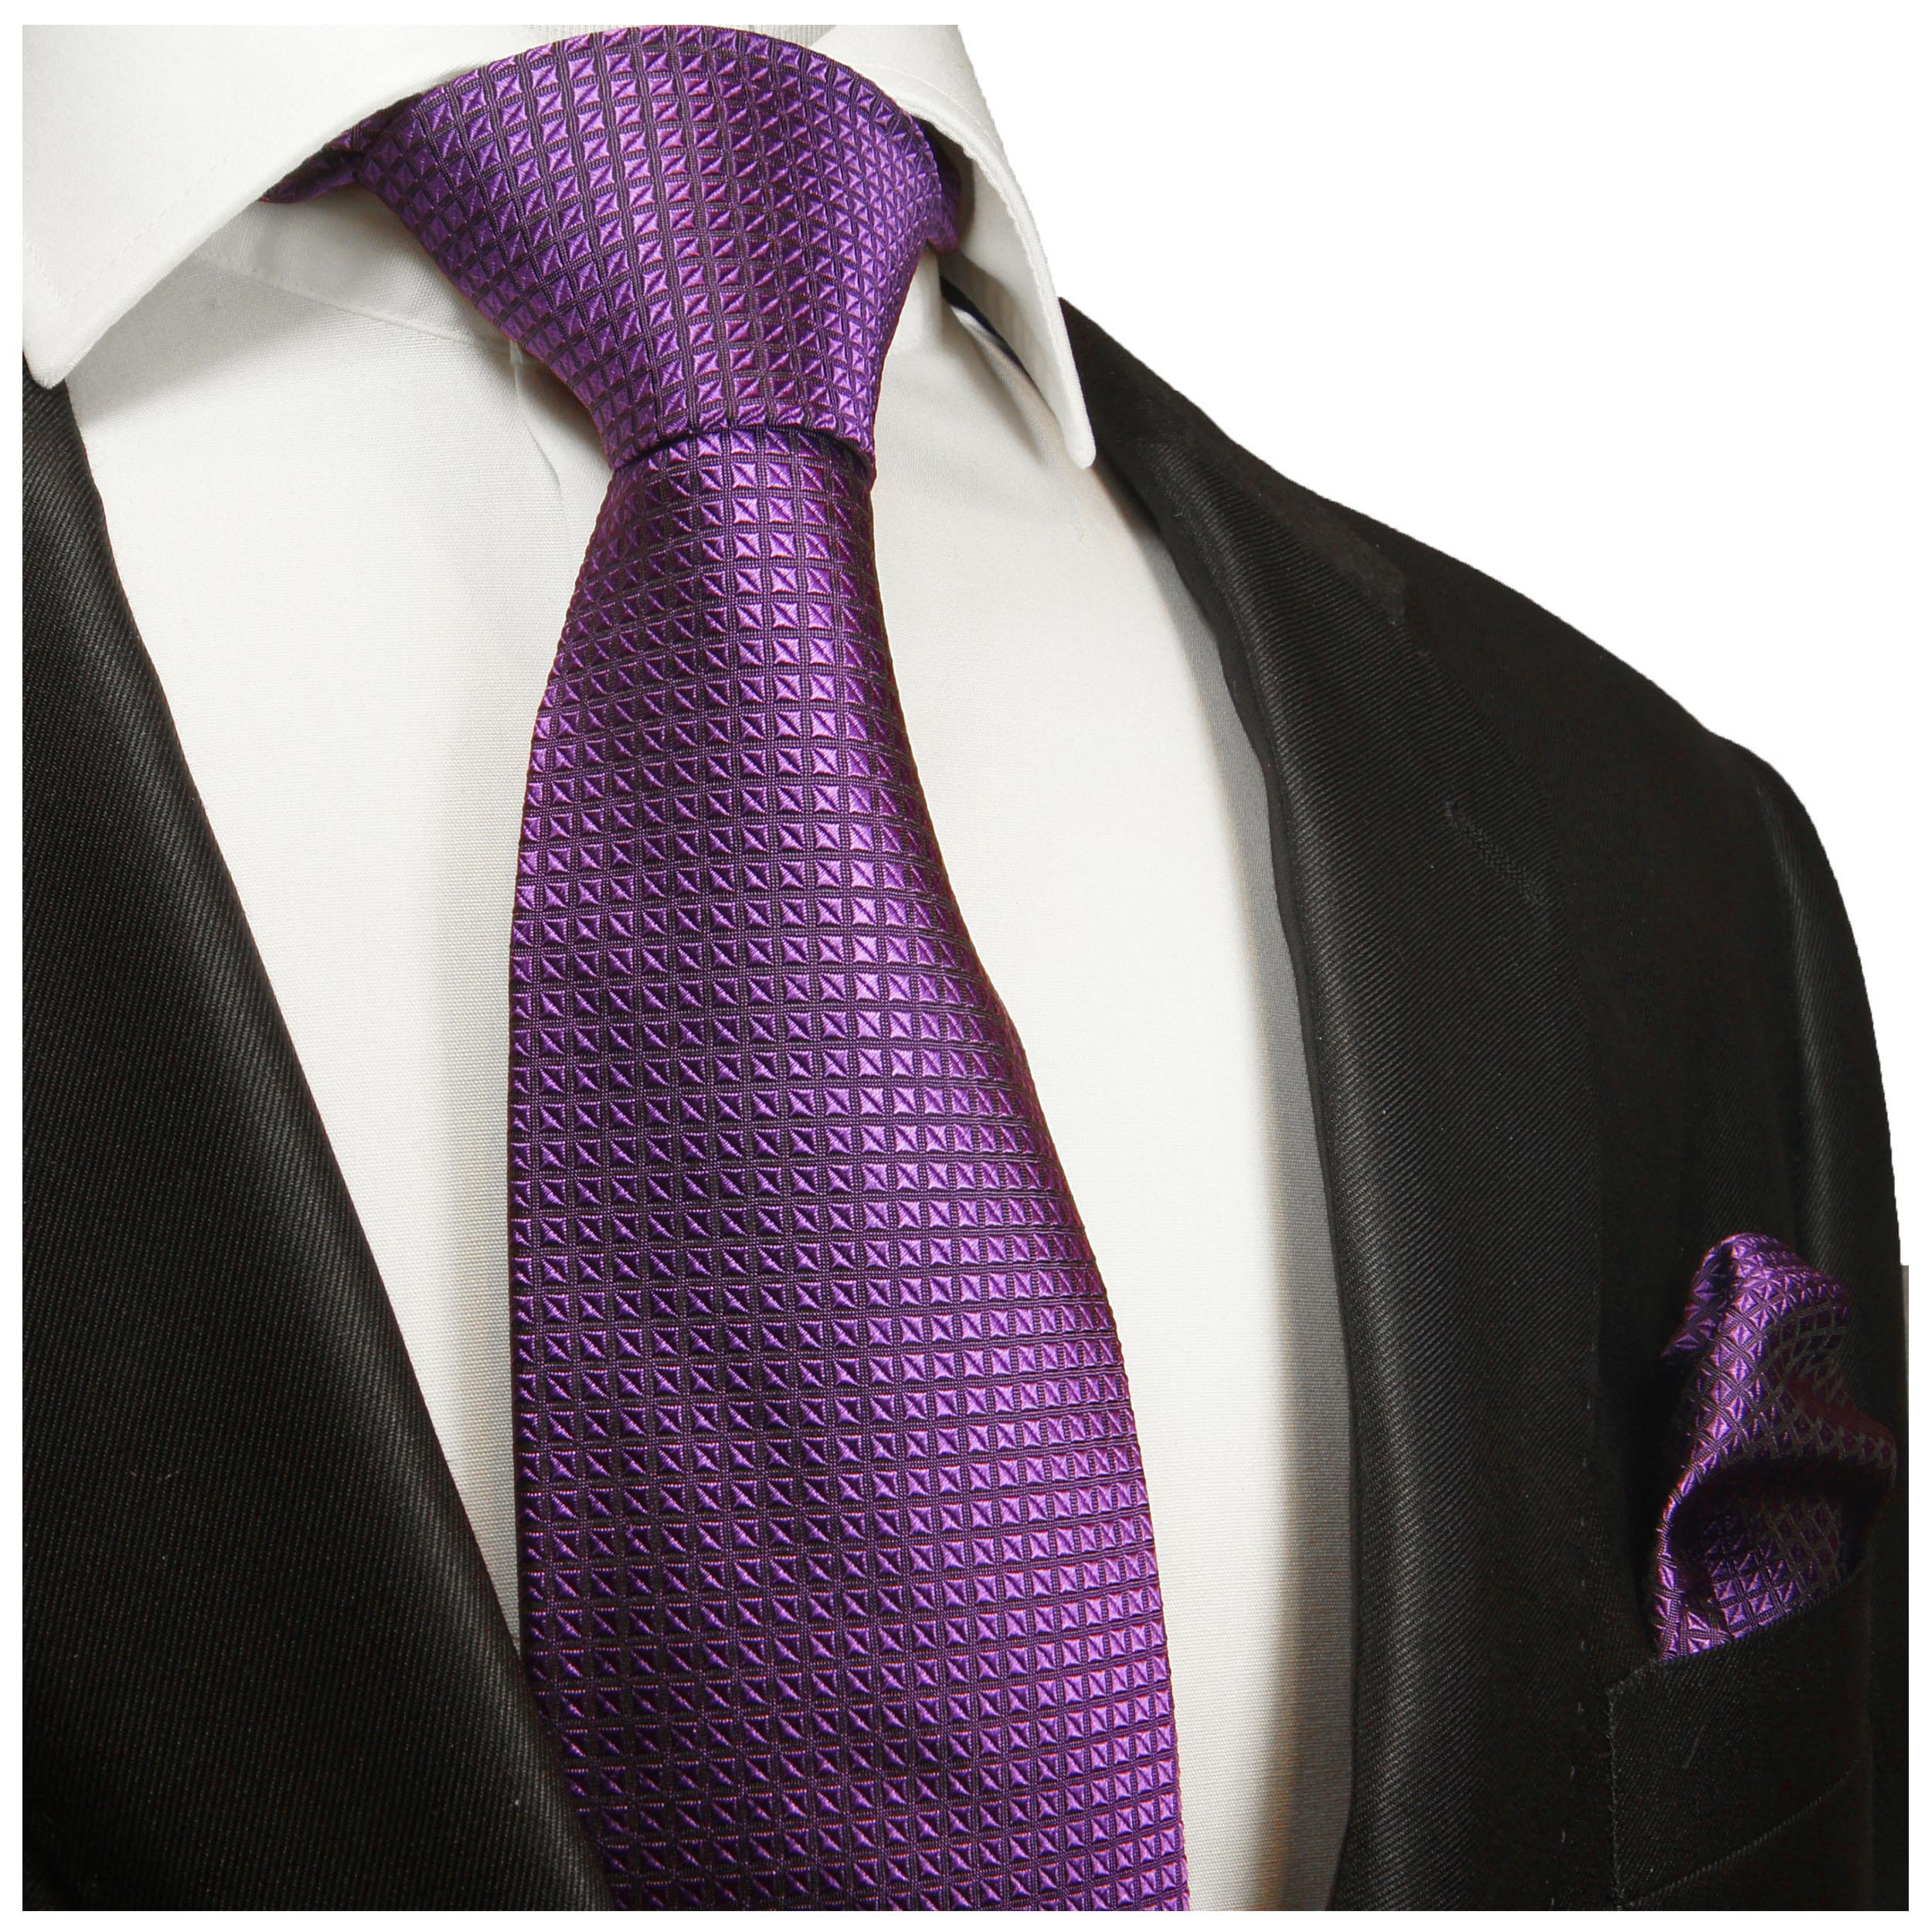 lila violette karierte Seidenkrawatte 2022 Paul Malone Krawatte Schlips